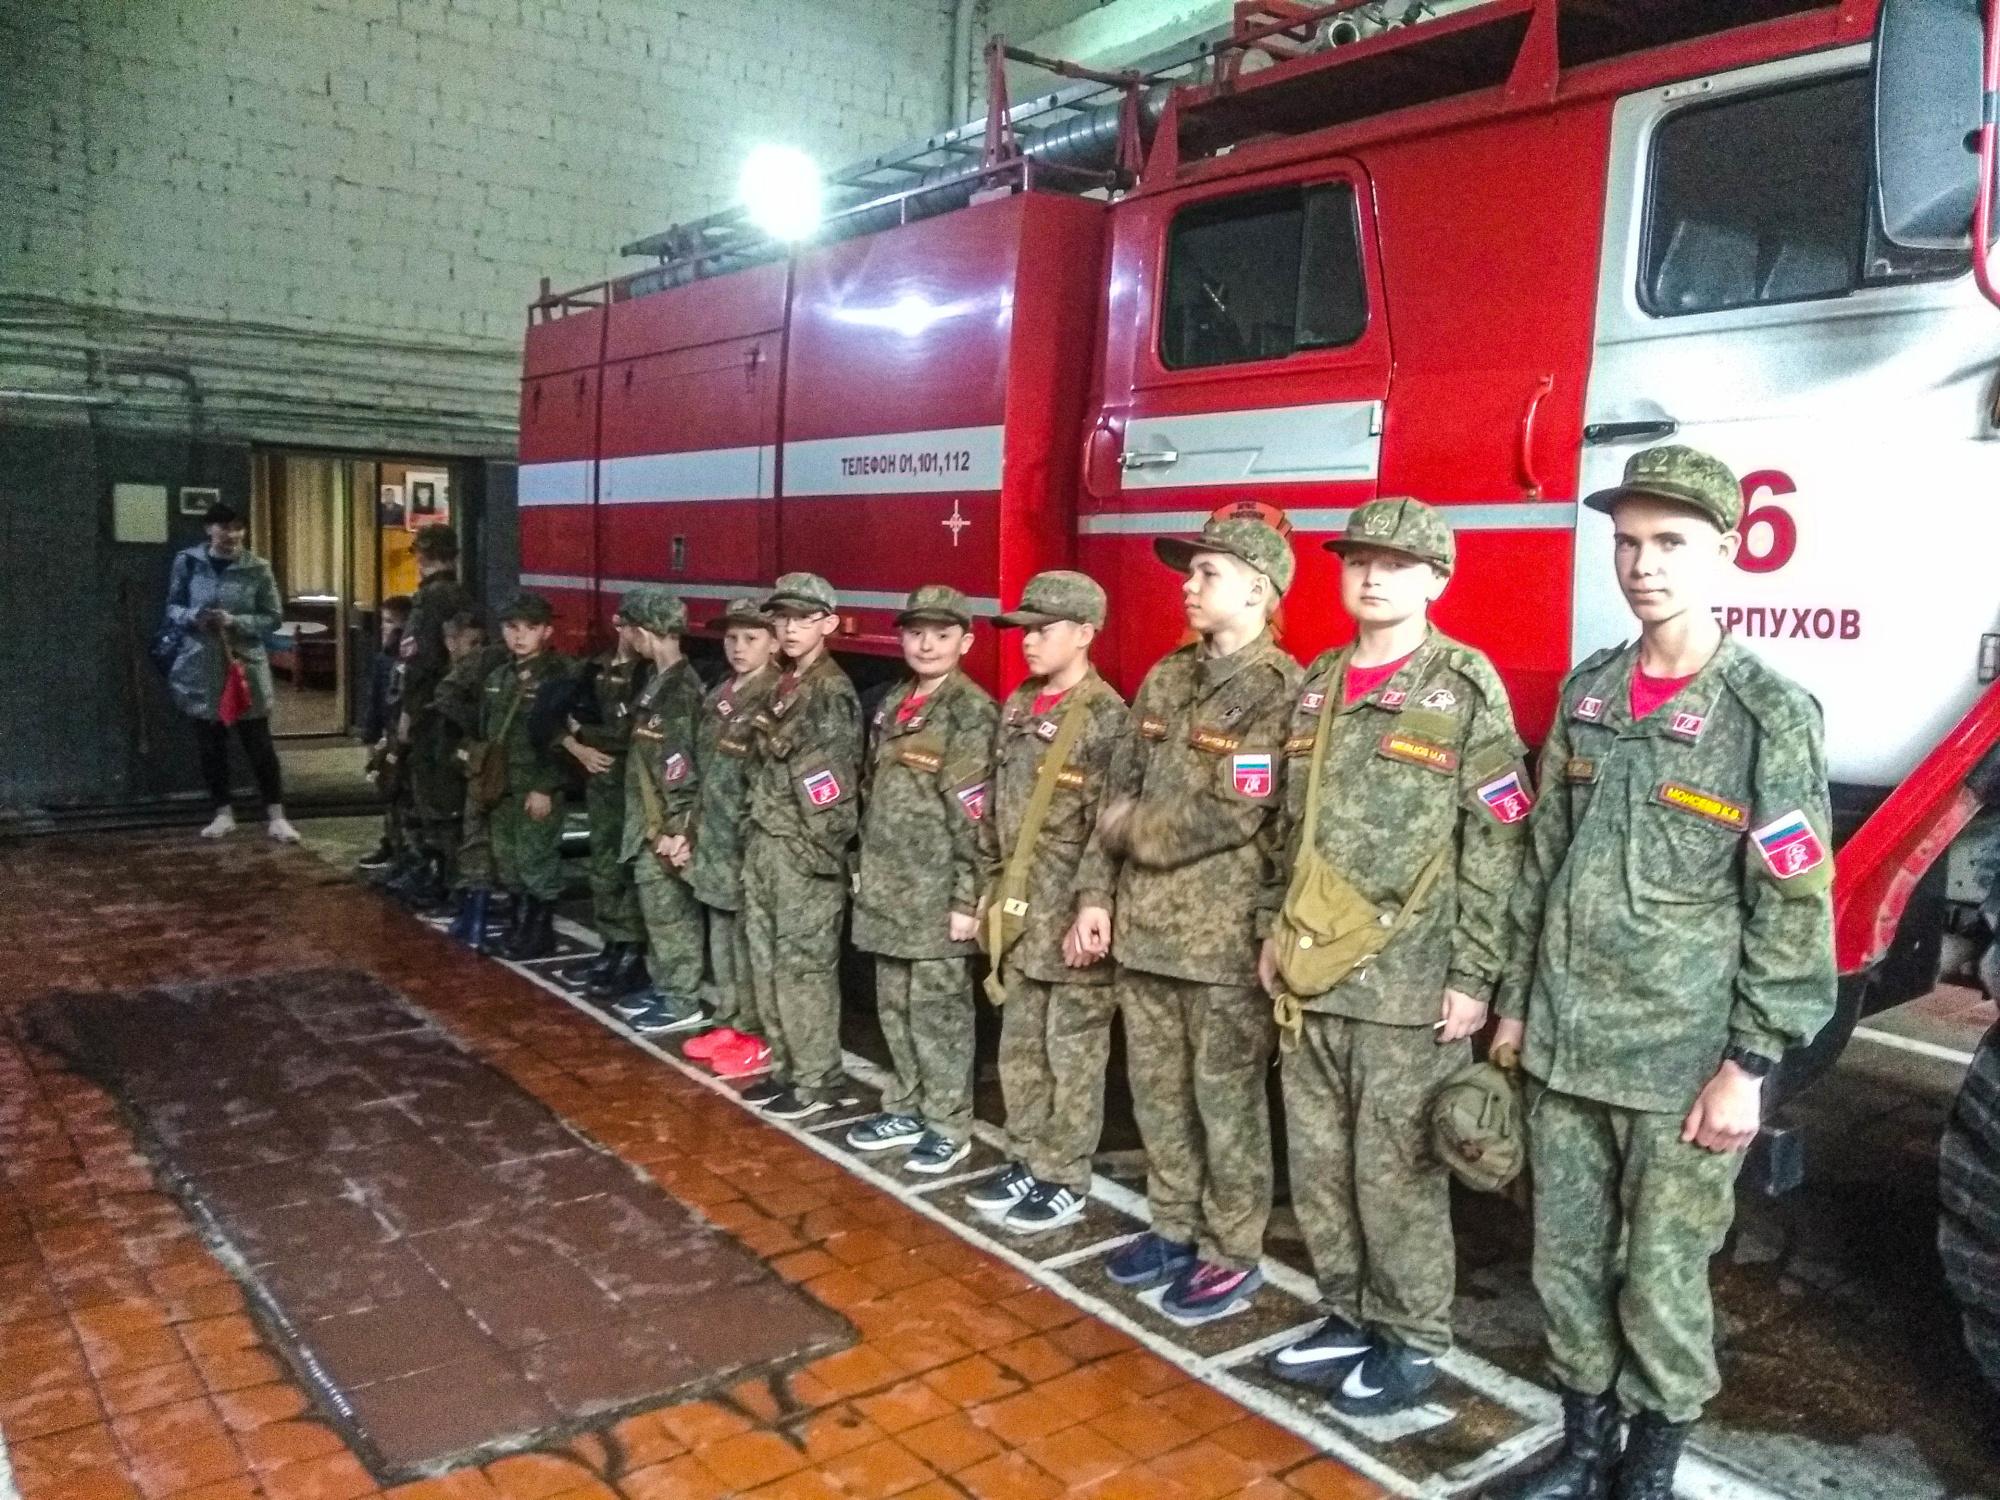 Юнармейцы Серпухова посетили пожарно-спасательную часть №6